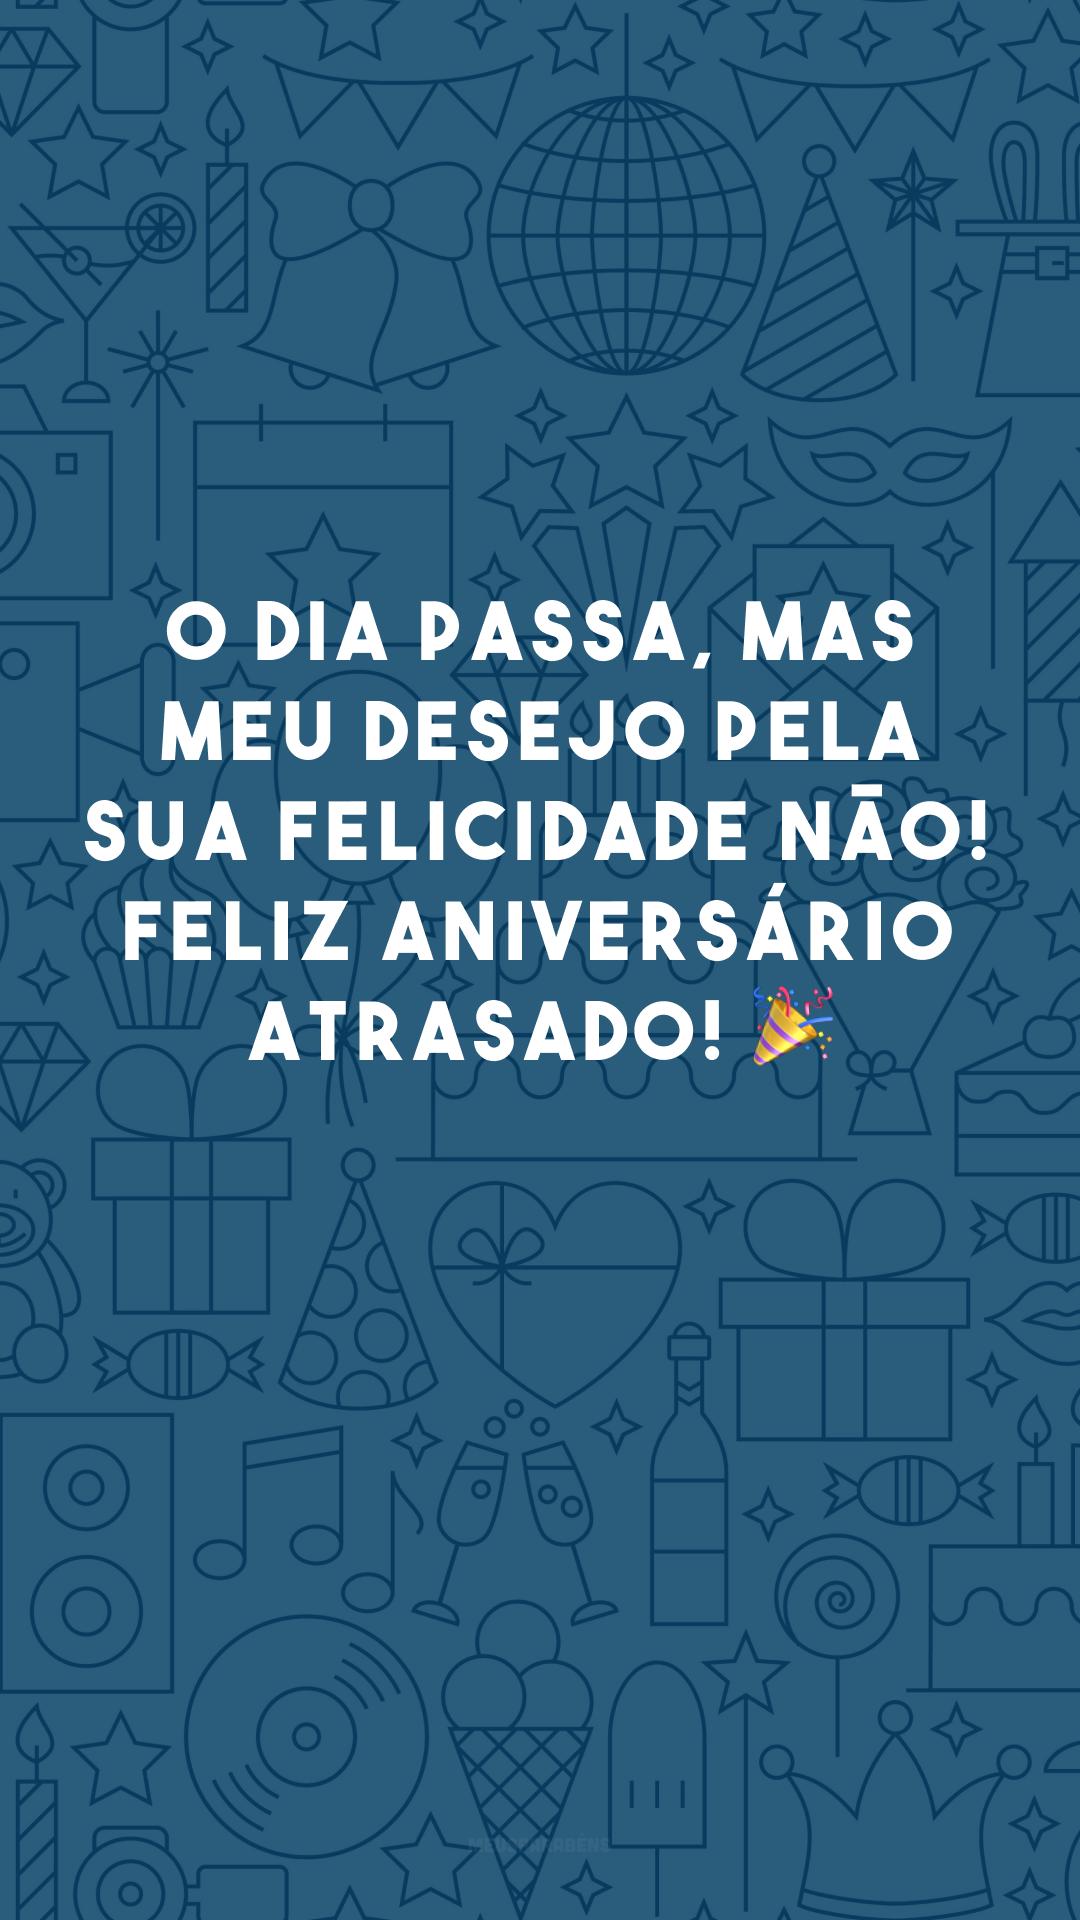 O dia passa, mas meu desejo pela sua felicidade não! Feliz aniversário atrasado! 🎉